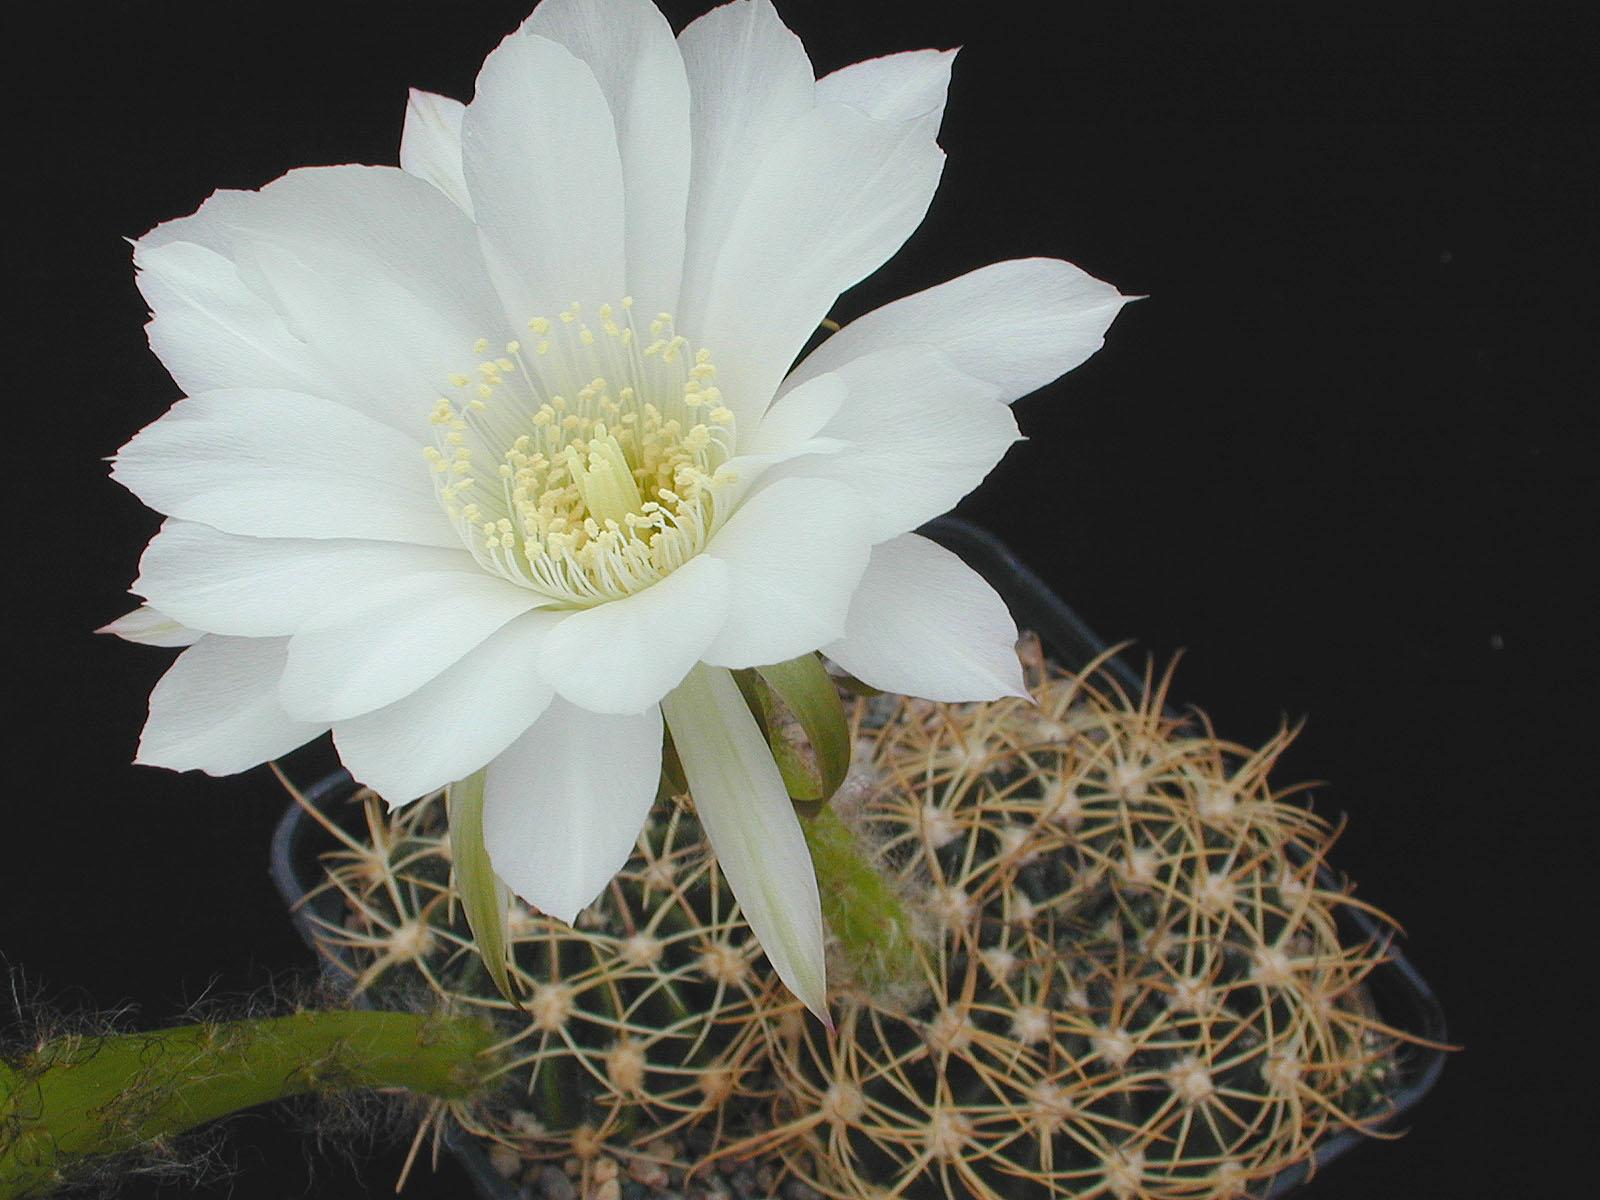 Semis d'Echinopsis (cactus) 1142454-origpic-0db8e3